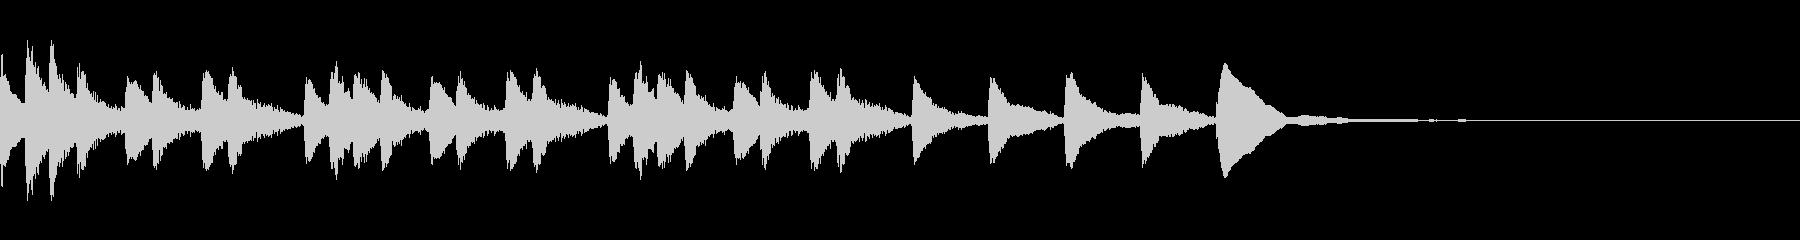 マリンバジングル6 ほのぼのの未再生の波形